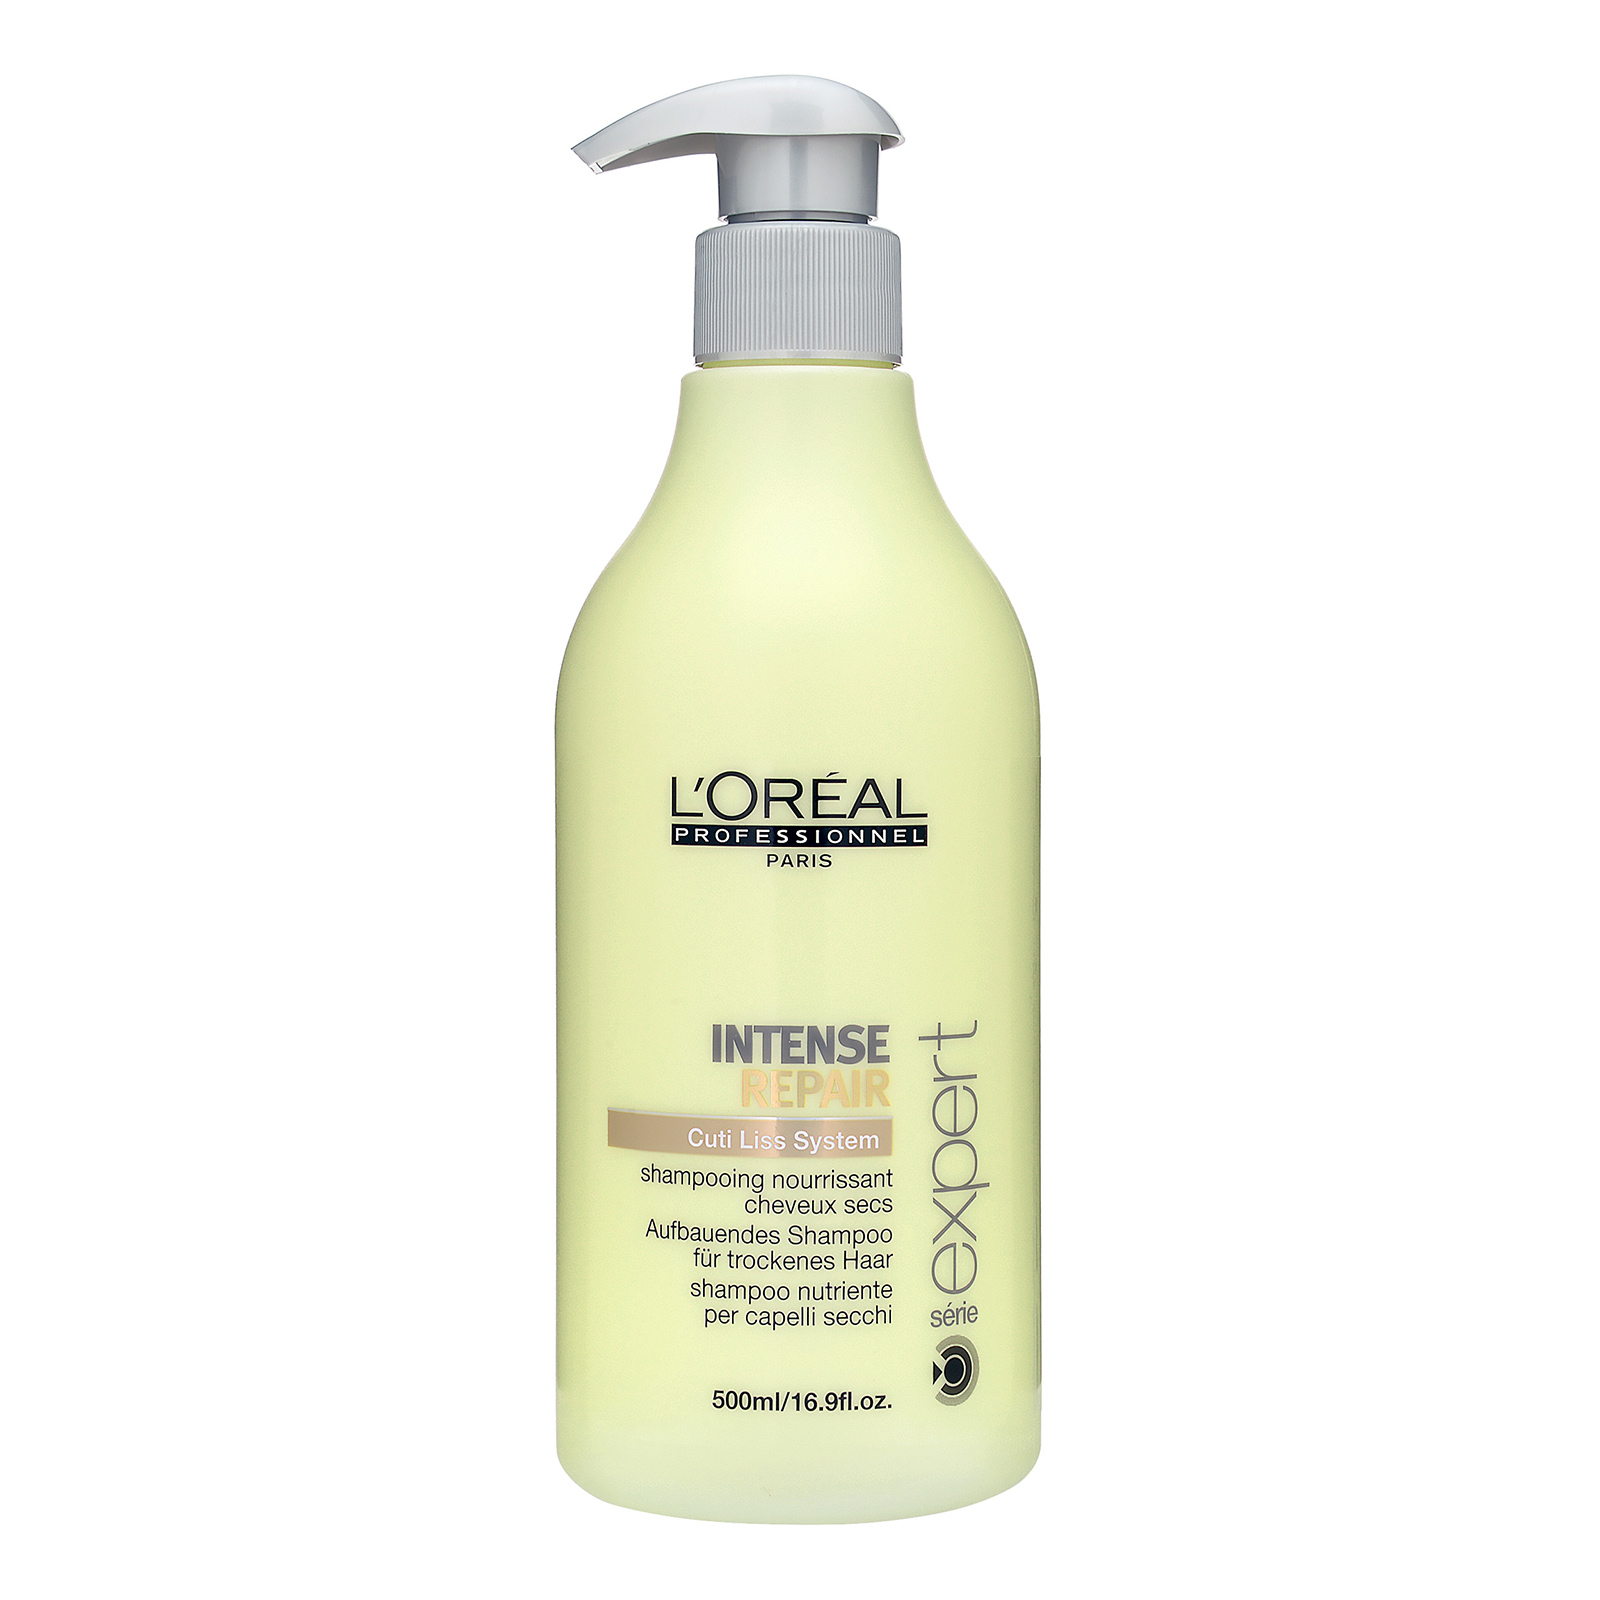 L'Oréal Paris Série Expert Intense Repair  Cuti Liss System Shampoo (For Dry Hair) 16.9oz, 500ml LRE0100153-000-00